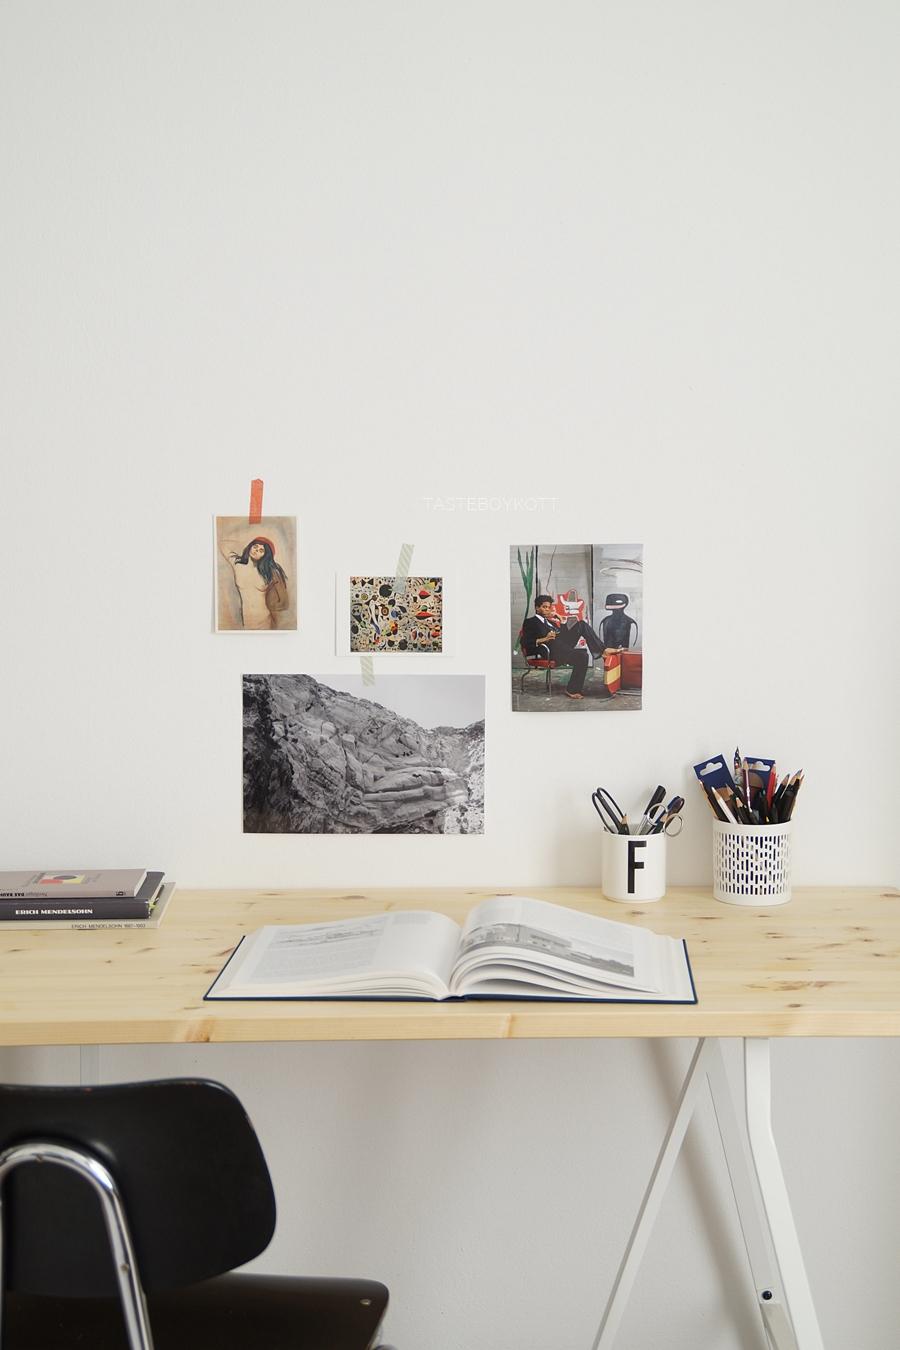 Arbeitsplatz Schreibtisch Holz/ weiß, Bilderwand Wanddeko, Stuhl schwarz, modern skandinavisch einrichten. Tasteboykott Wohnblog Wohninspiration.